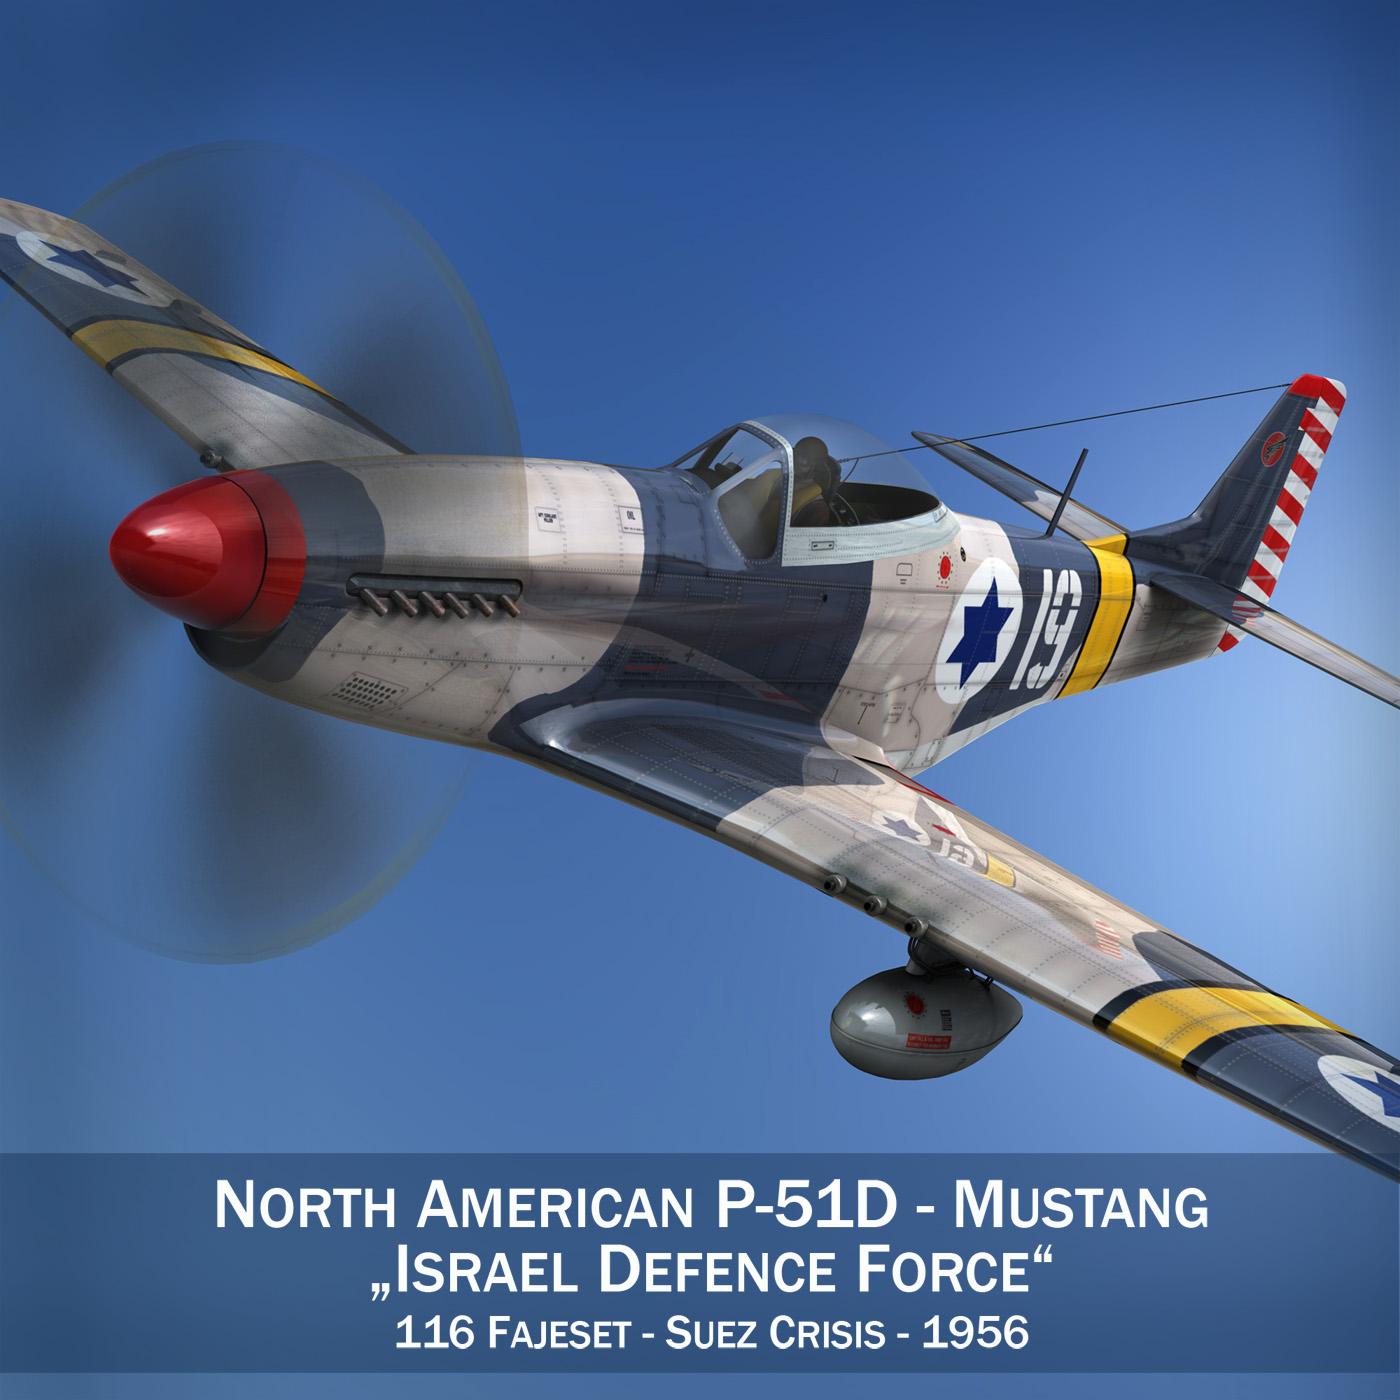 north american p-51d mustang – idf 3d model fbx c4d lwo obj 273305